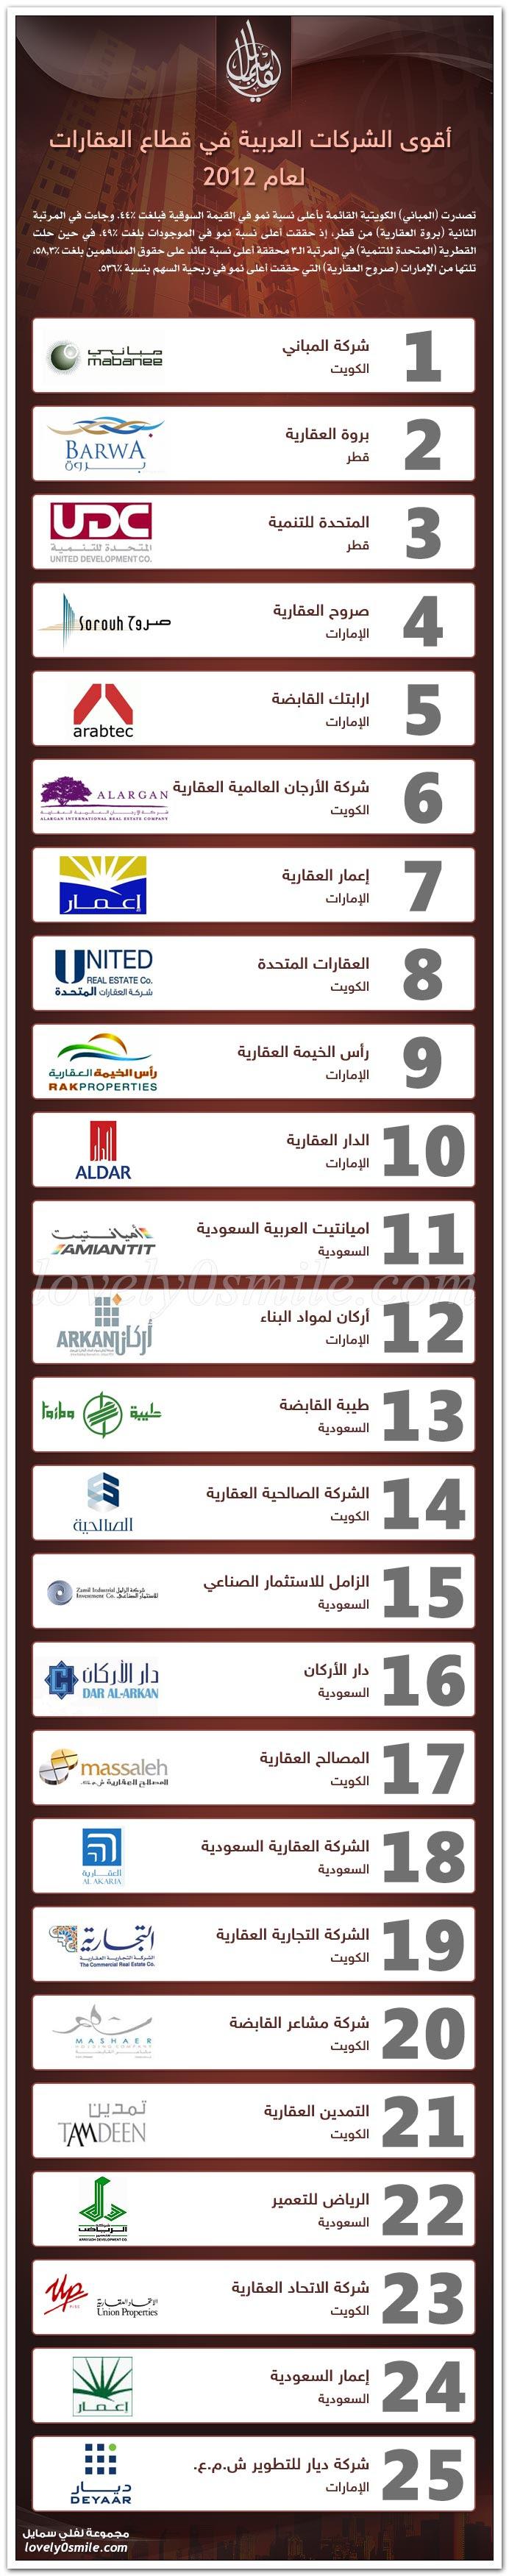 أقوى الشركات العربية في قطاع العقارات